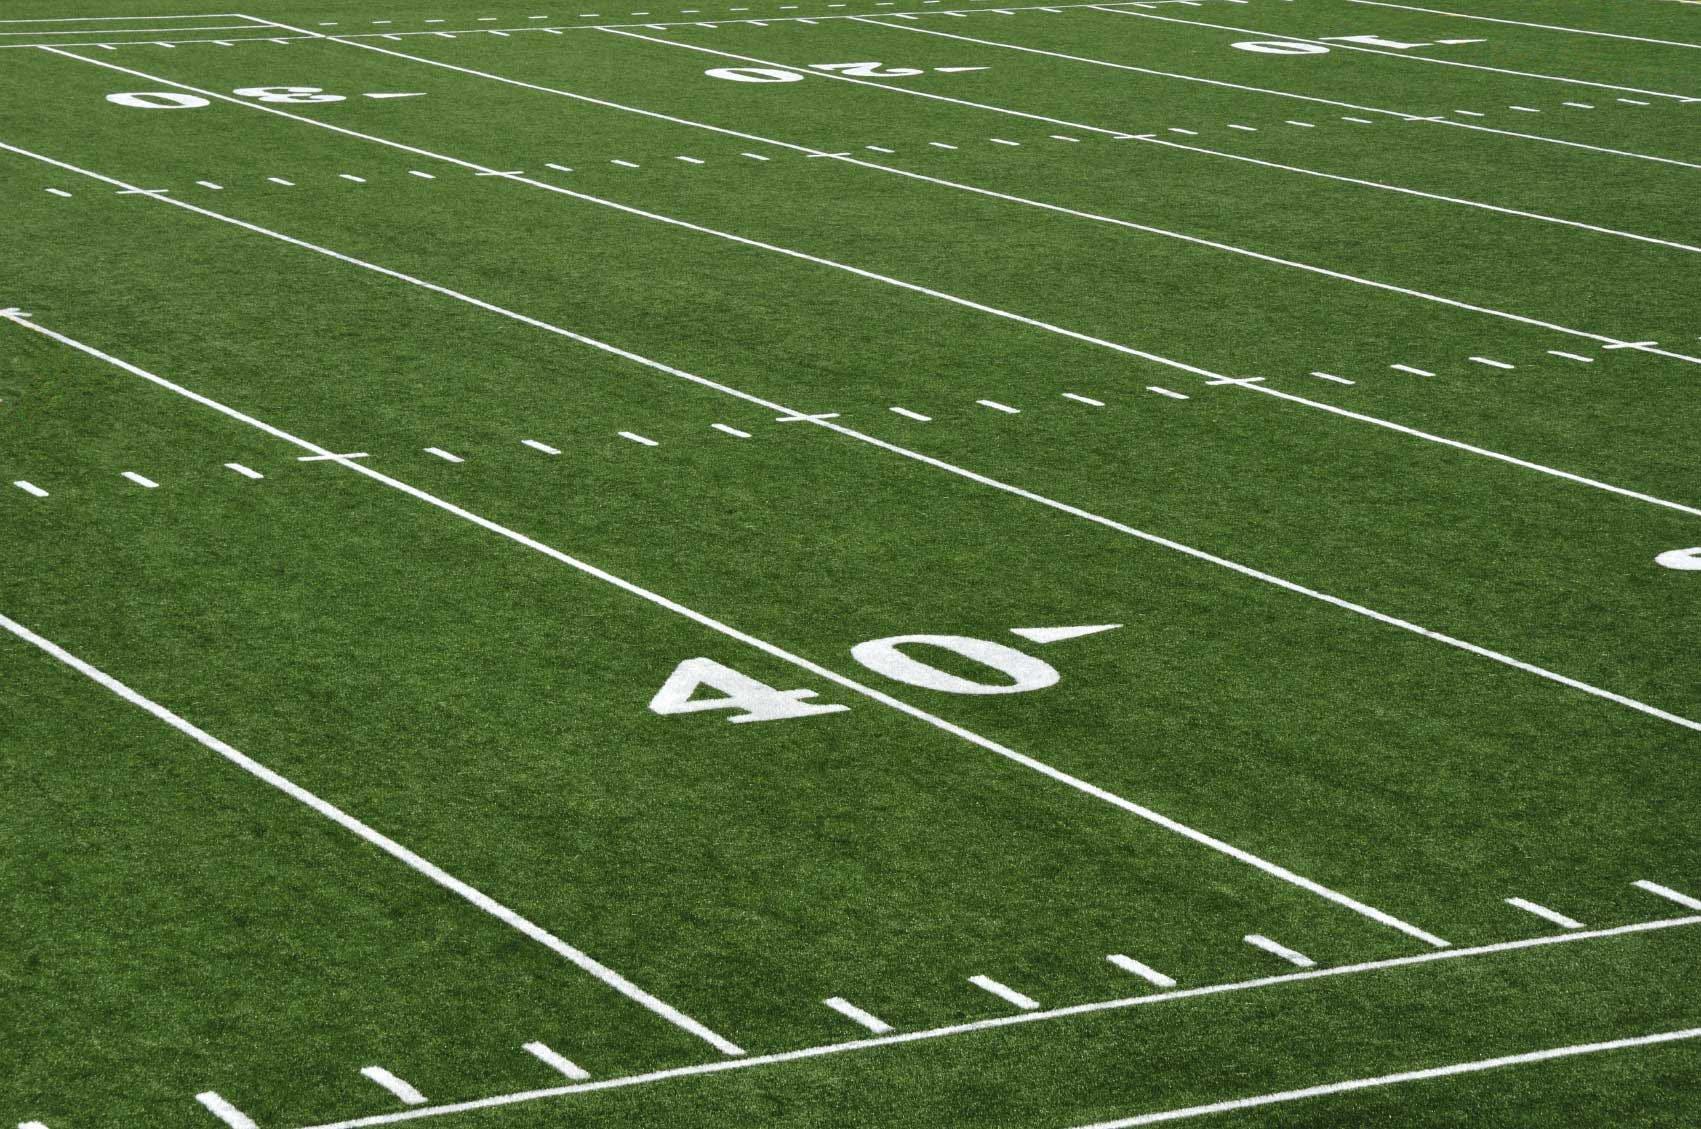 45 Nfl Football Field Wallpaper On Wallpapersafari